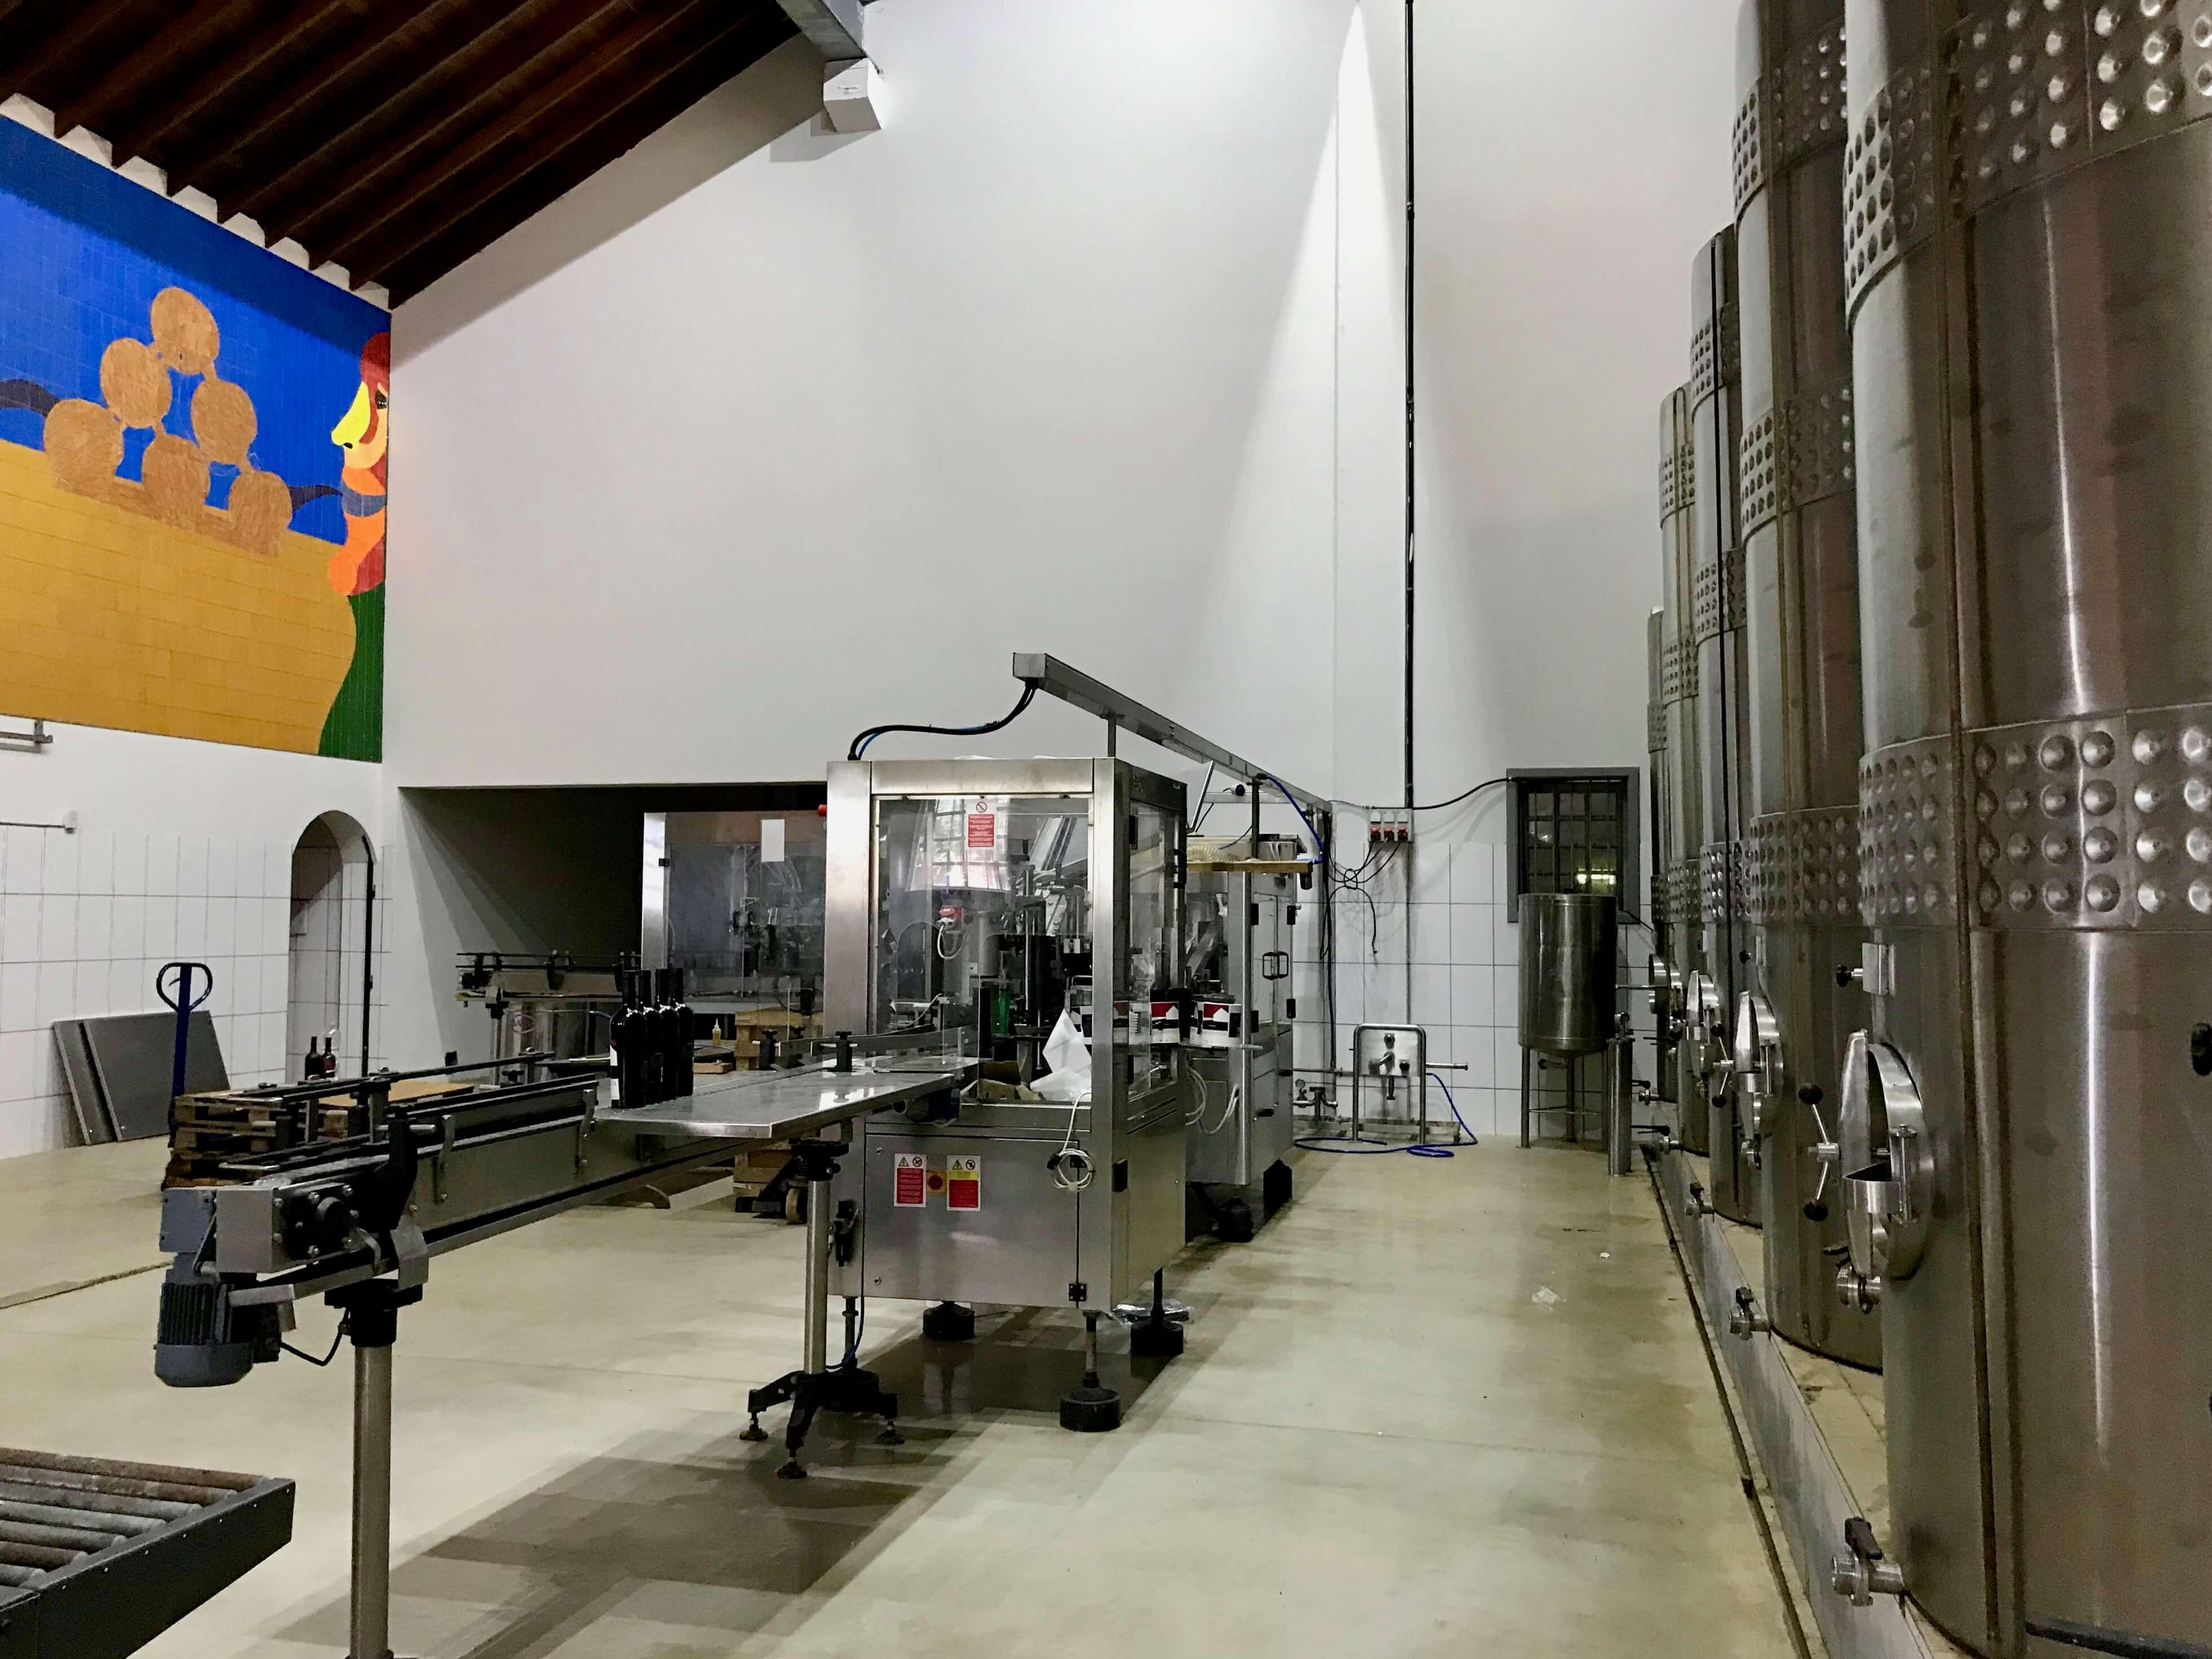 ambiente interno com equipamentos de produção do vinho